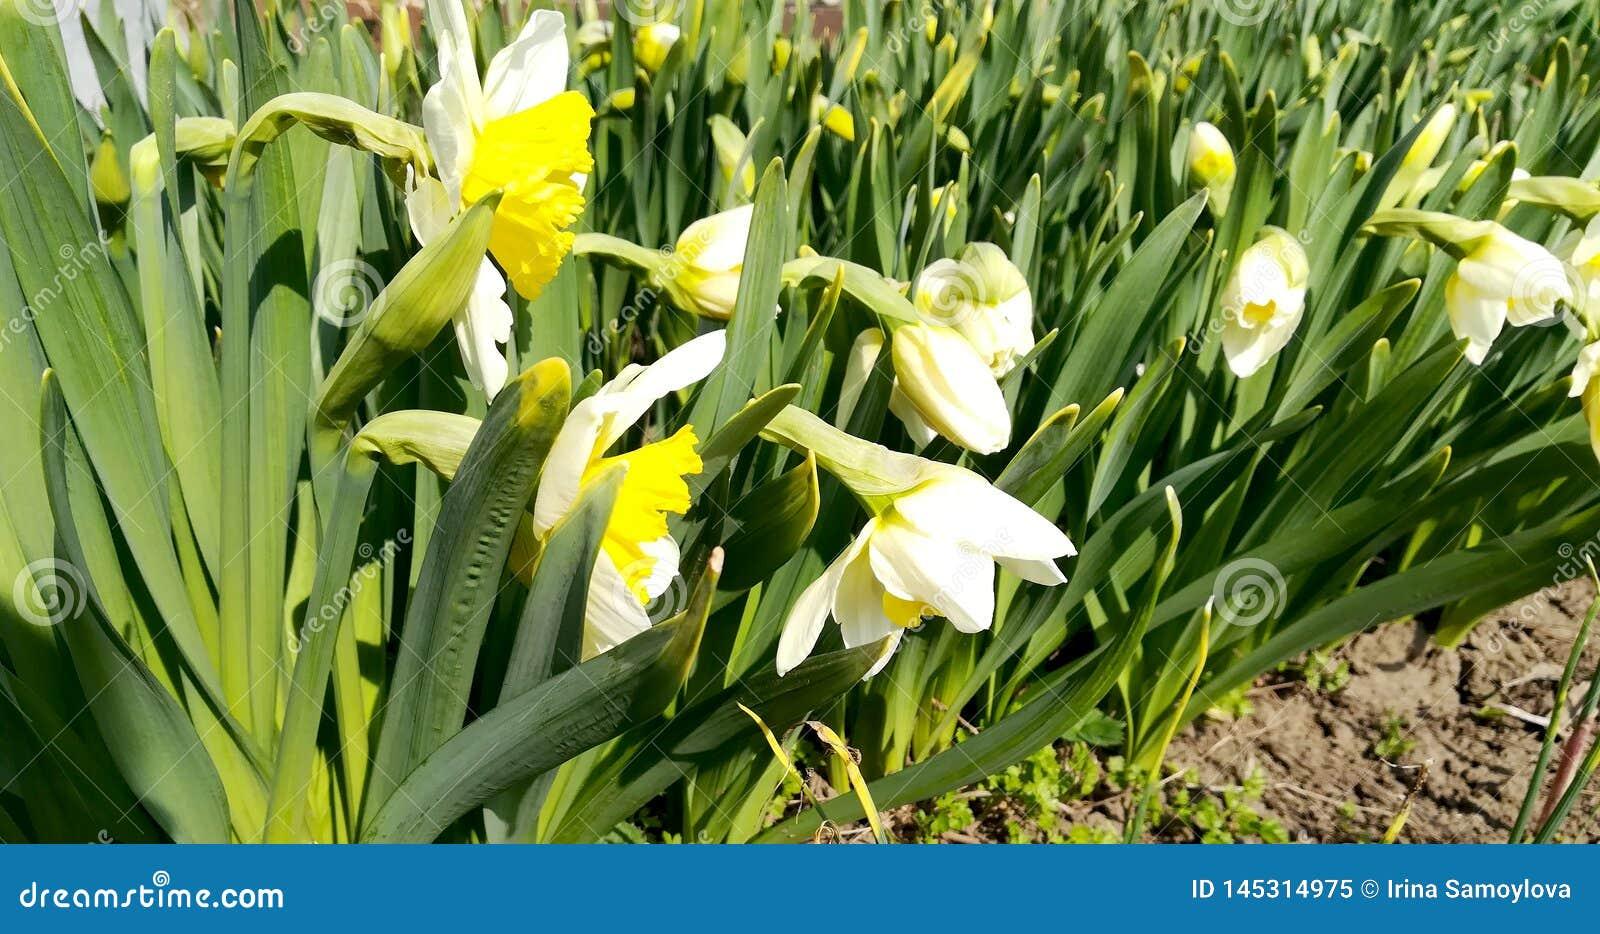 Foto der Narzisse der weißen Blumen mit den gelben Knospen und den grünen Blättern